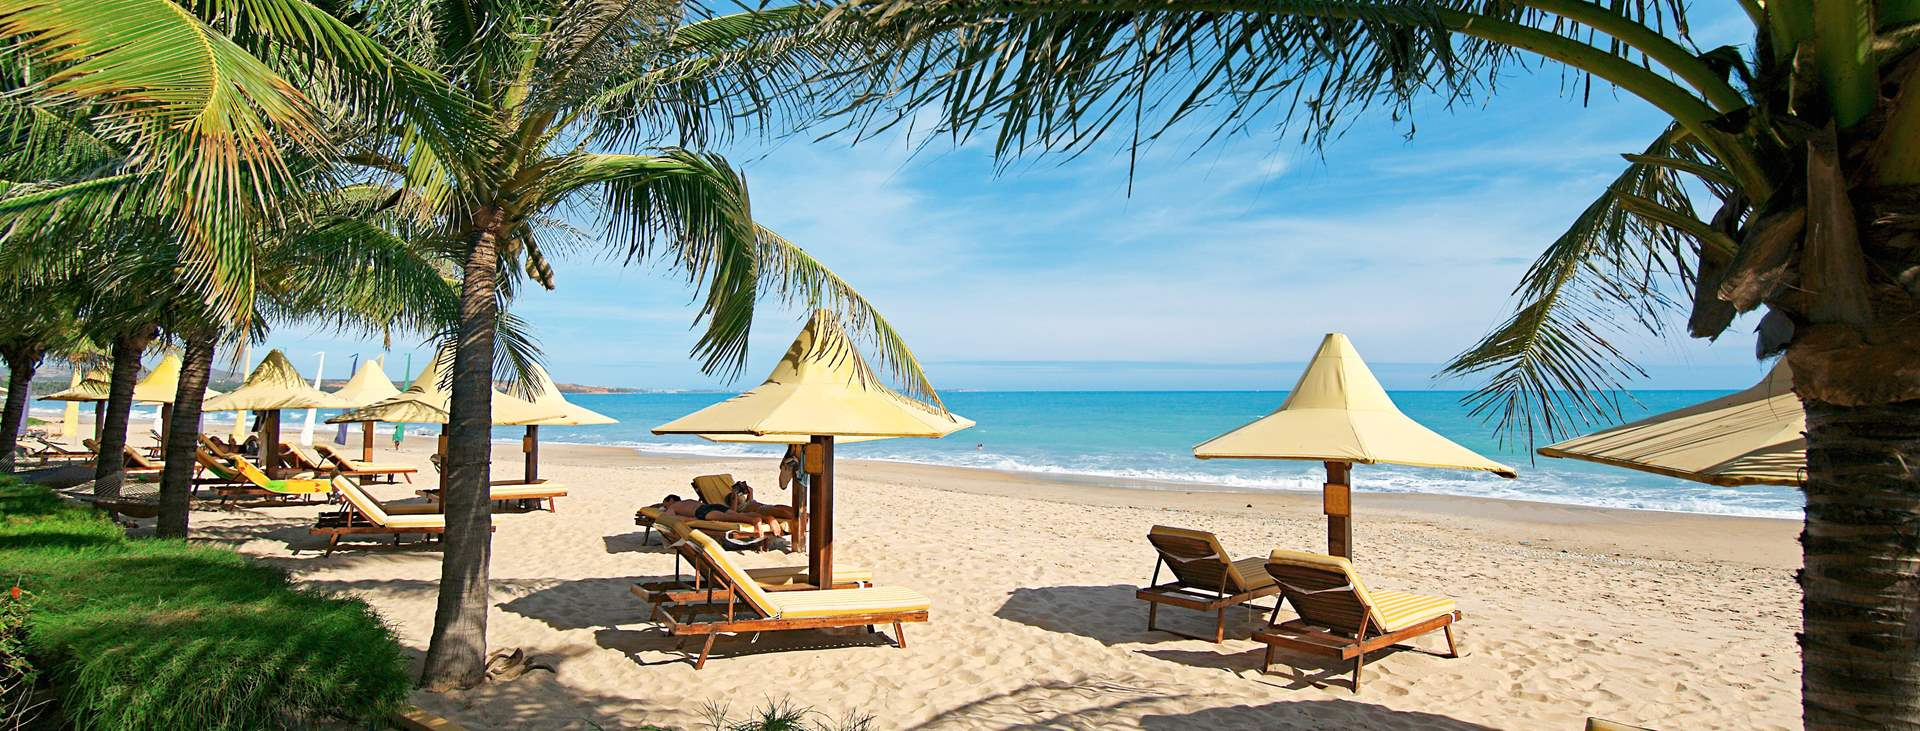 Reiser til Phan Thiet, Vietnam